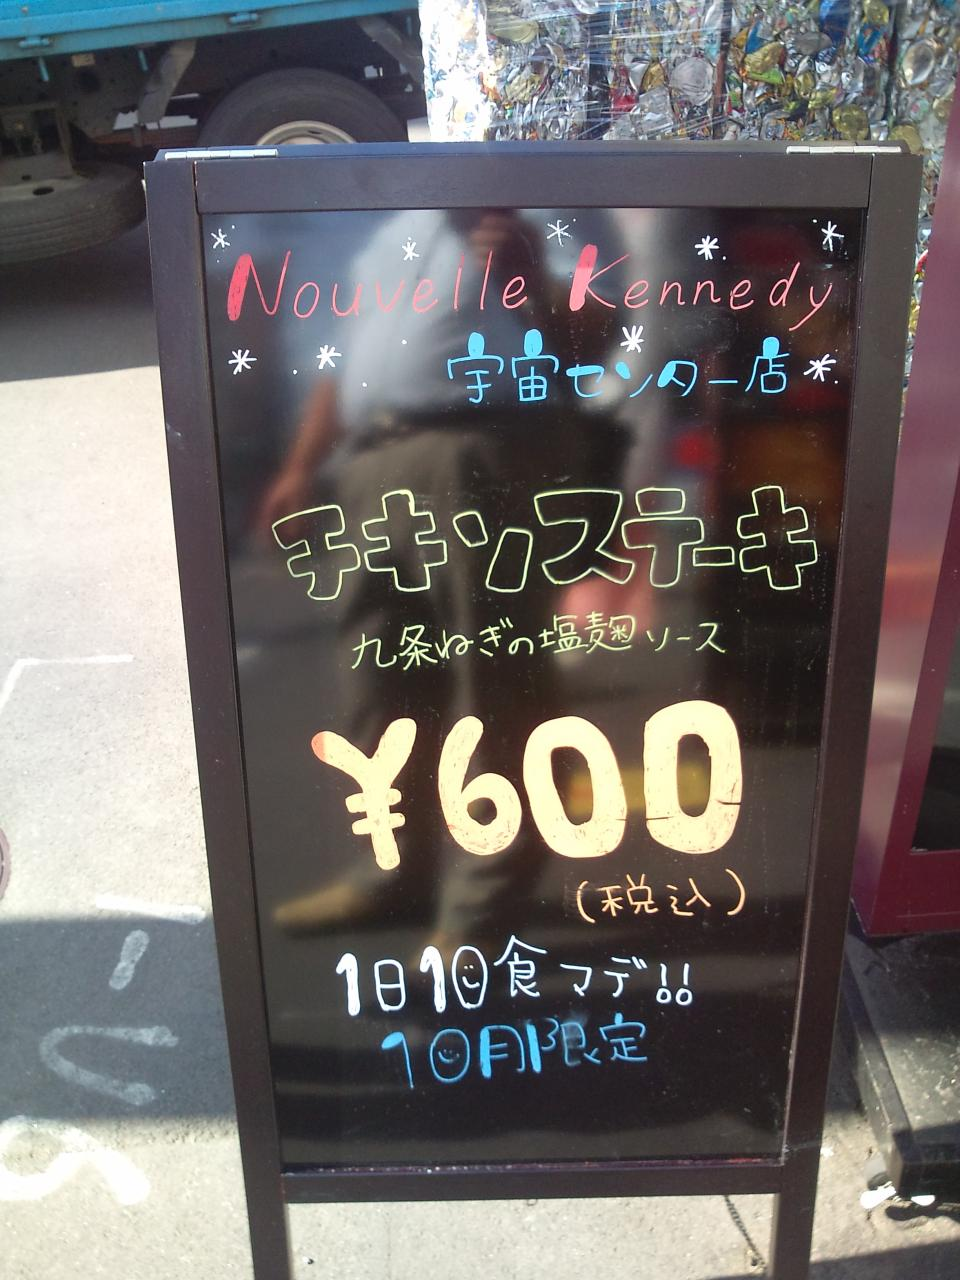 ケネディ宇宙センター店(看板)